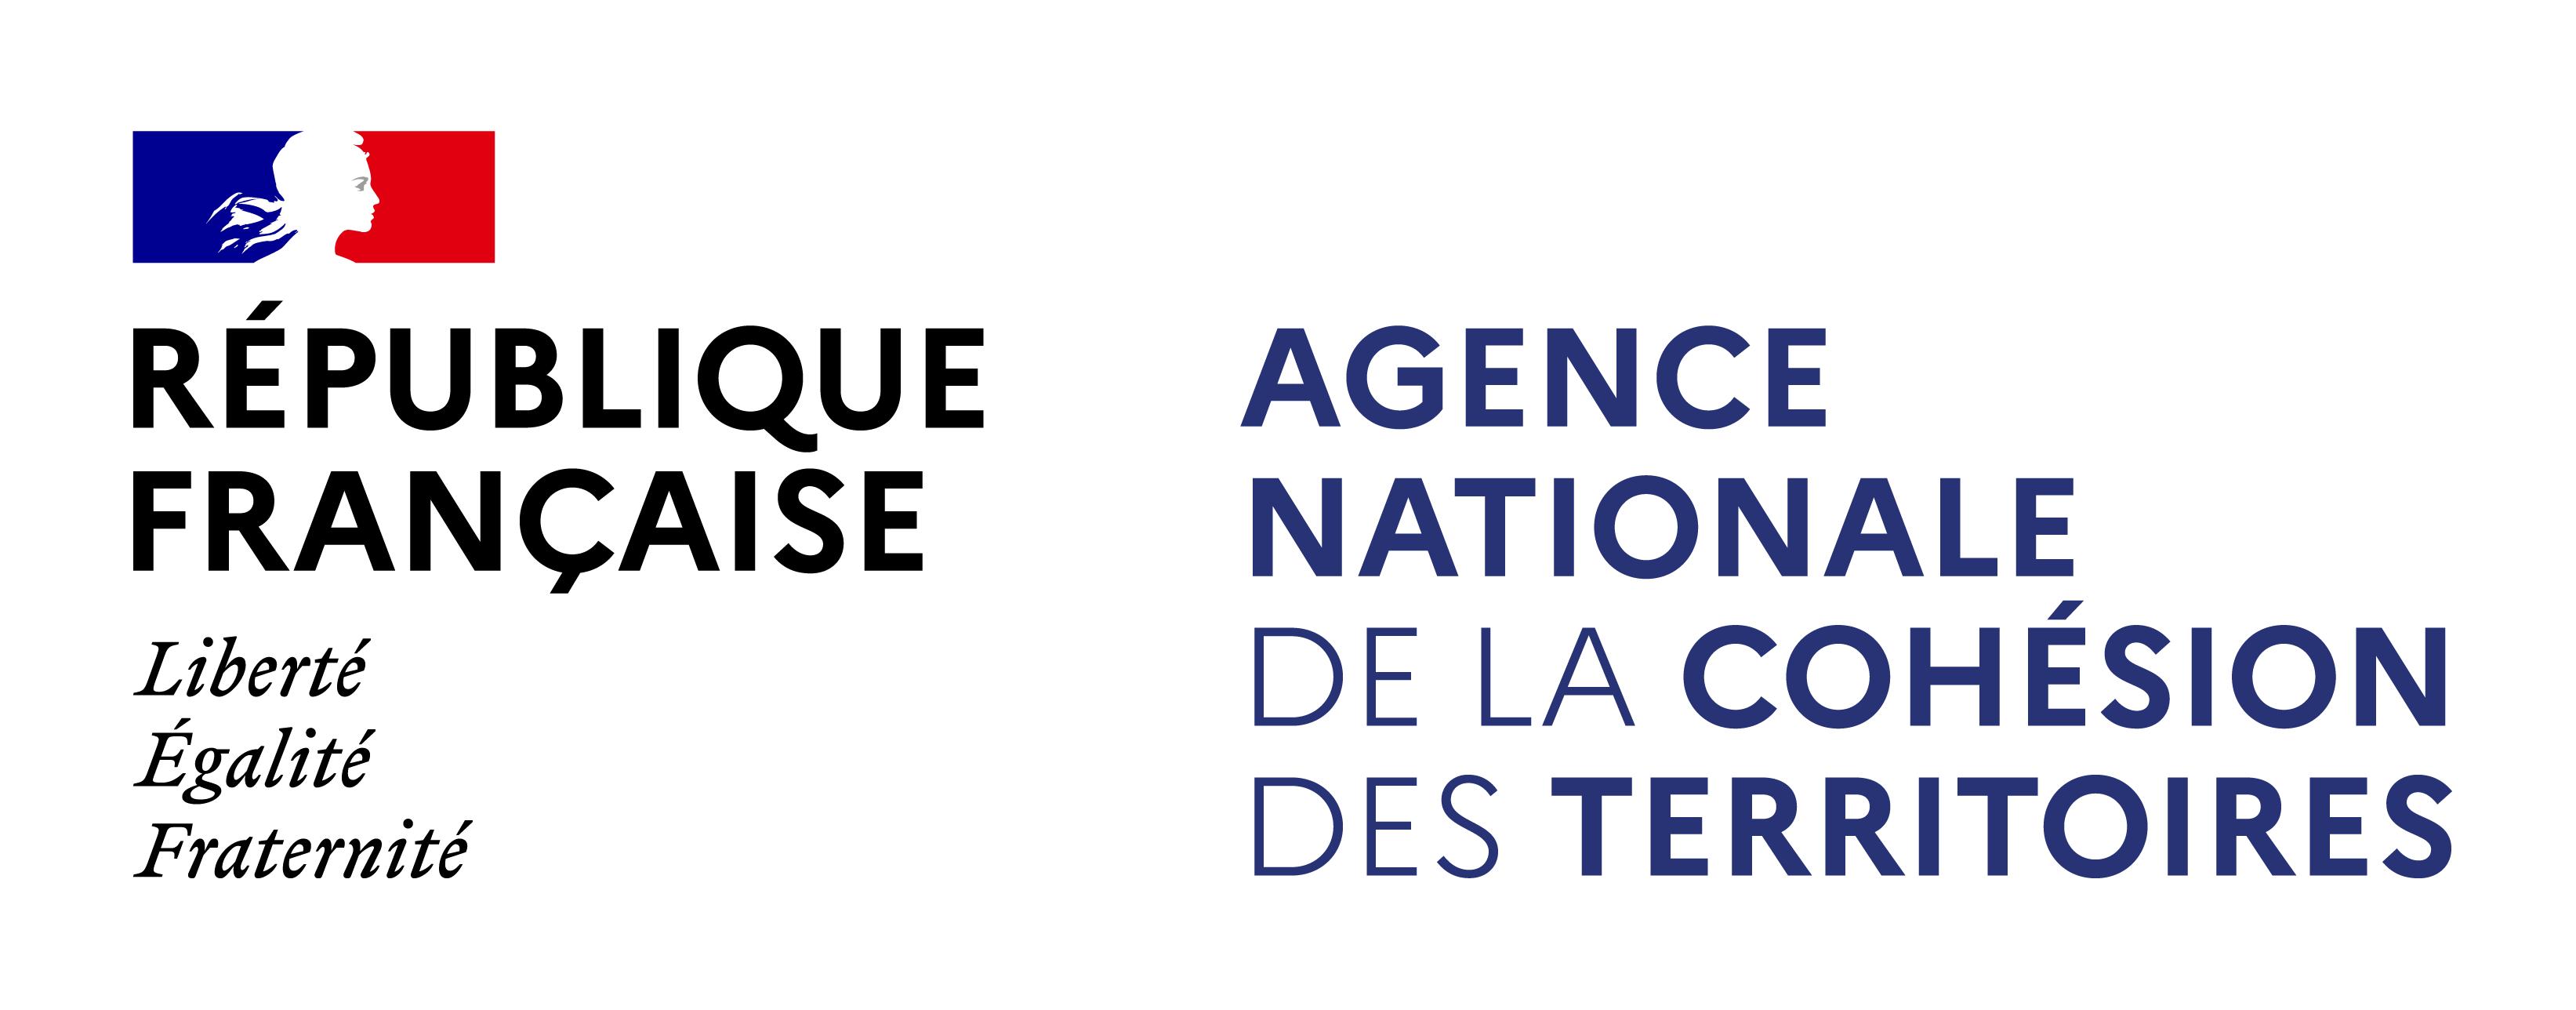 Agence nationale de la cohésion des territoires